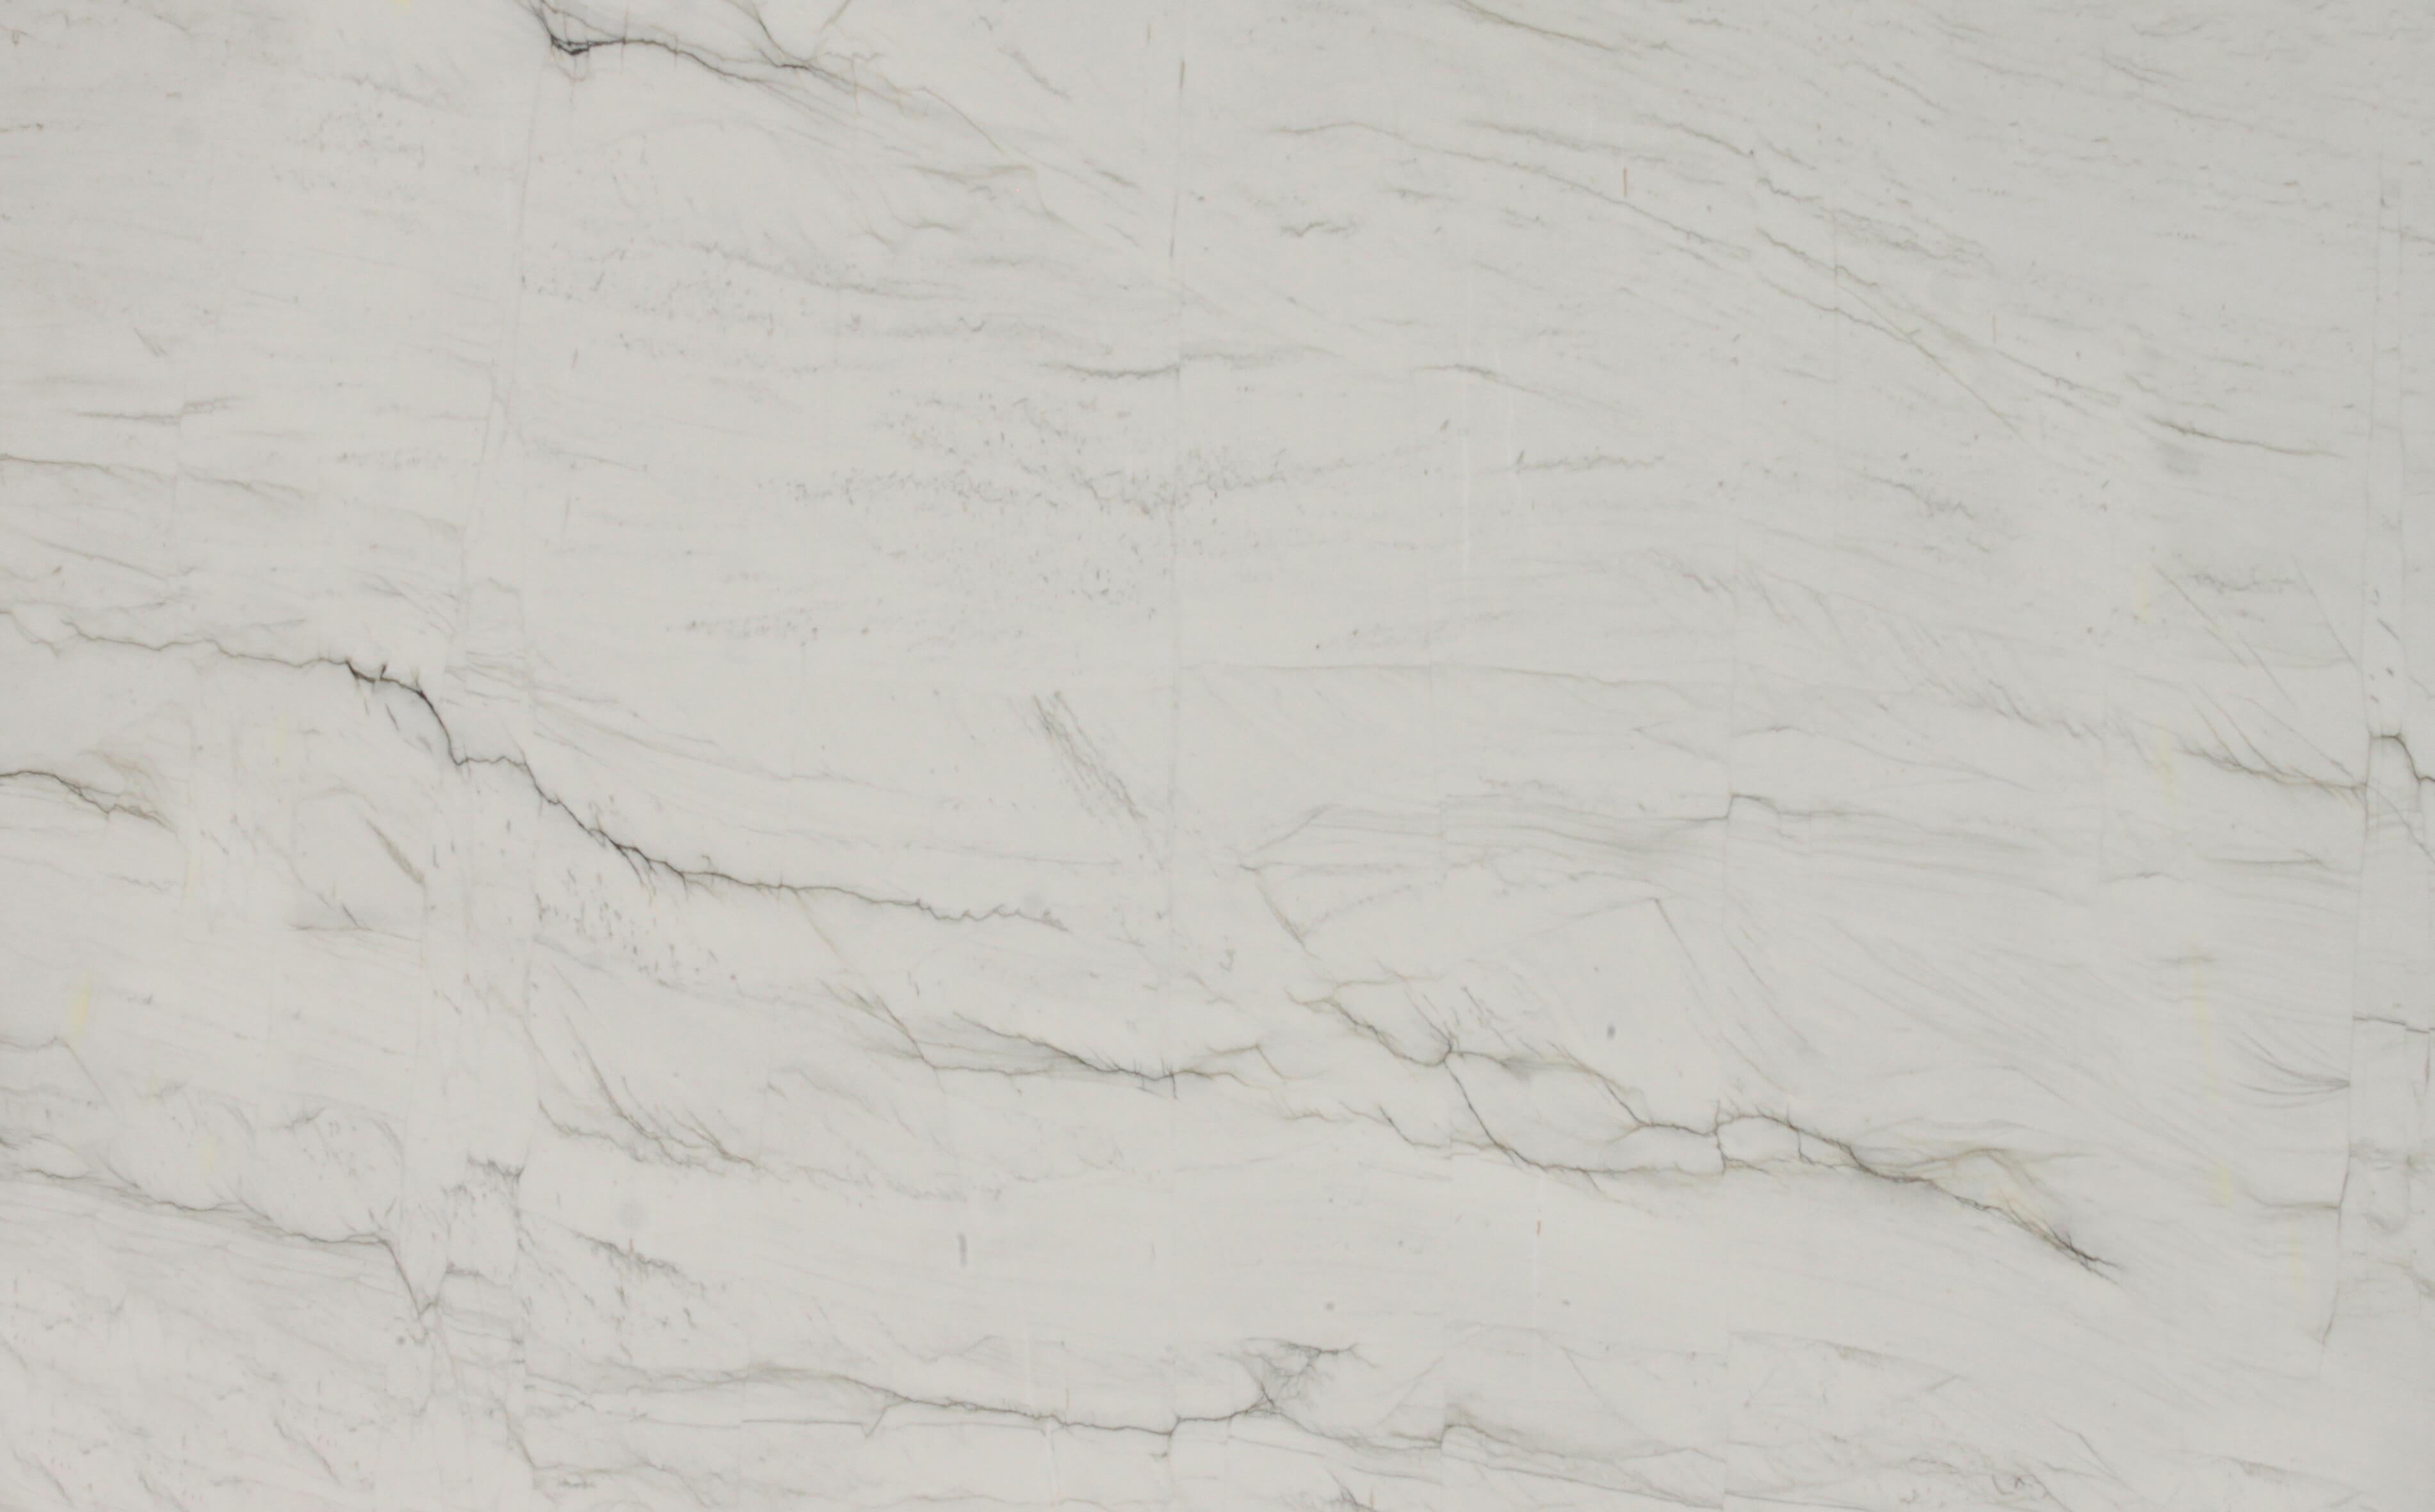 Calacatta Brasil ist ein raffinierter Quarzit, der graue Nuancen über einem weißen Hintergrund wie im Himmel gemalte Wolken aufweist. Dieser Naturstein, der eine solide Erscheinung mit einem minimalen Akzent kombiniert, spielt mit Licht und stellt einen Dialog her, um ein elegantes und essentielles Design zu schaffen, das die formalen Werte von Interieurergänzungen hervorhebt. Dank dieses einzigartigen Materials erweitert sich der Raum, indem er die Energie von Weiß einfängt, indem es mit einem Funken menschlicher Kreativität freigesetzt wird. Calacatta Brasil: Eine glatte Oberfläche, eine rein weiße Textur, auf der gearbeitet werden soll, ein Auslöser für extreme Kreativität.